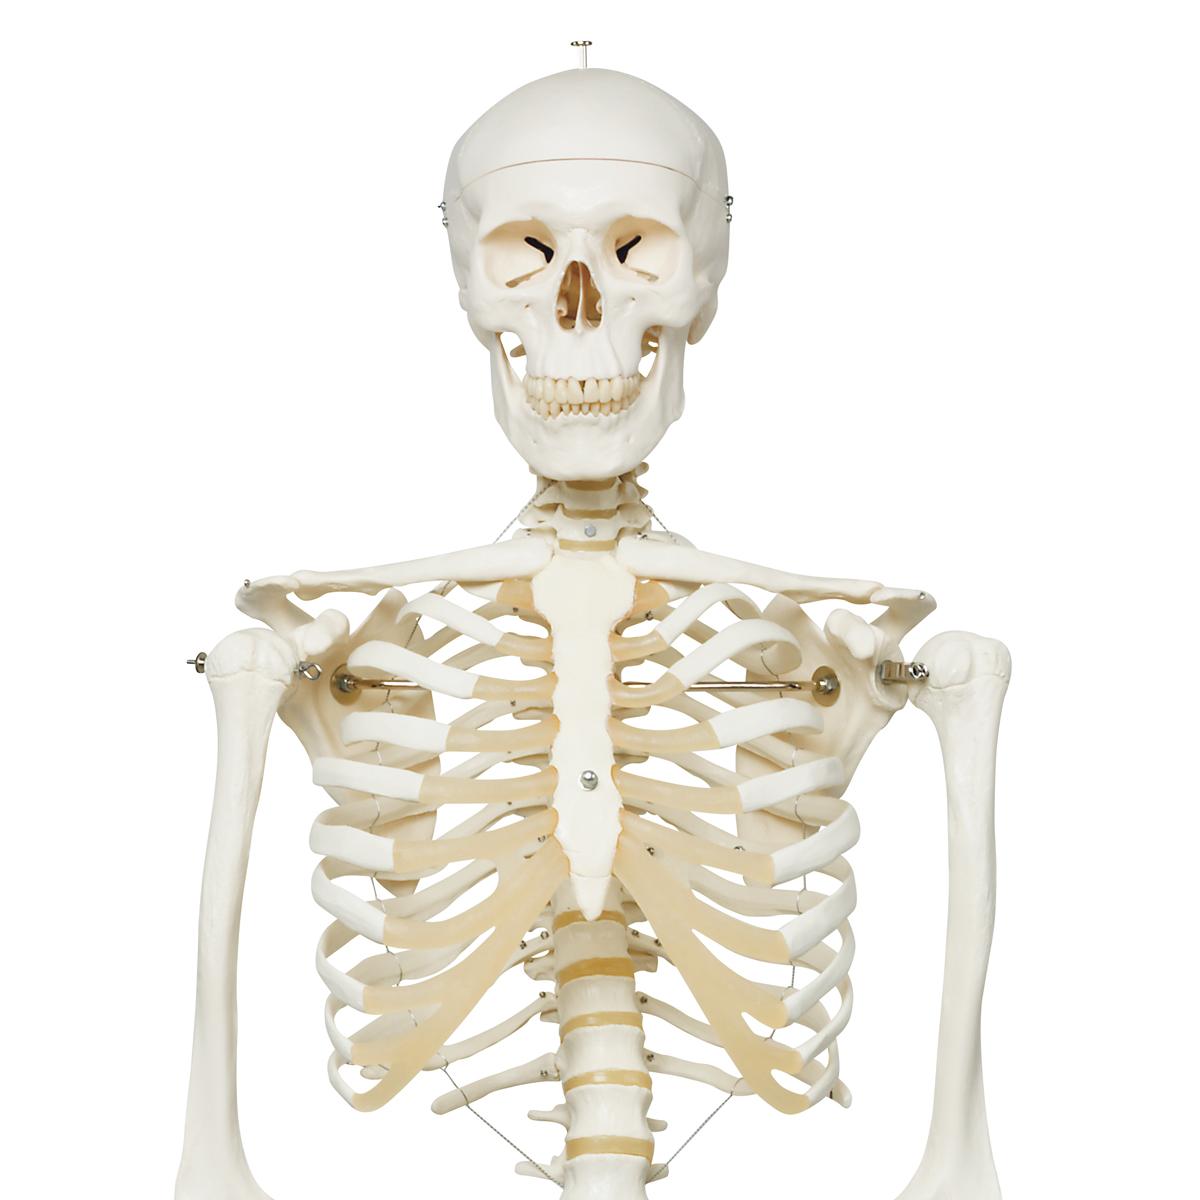 EsqueletoStanA10Sobrepiemetalicocon5ruedas